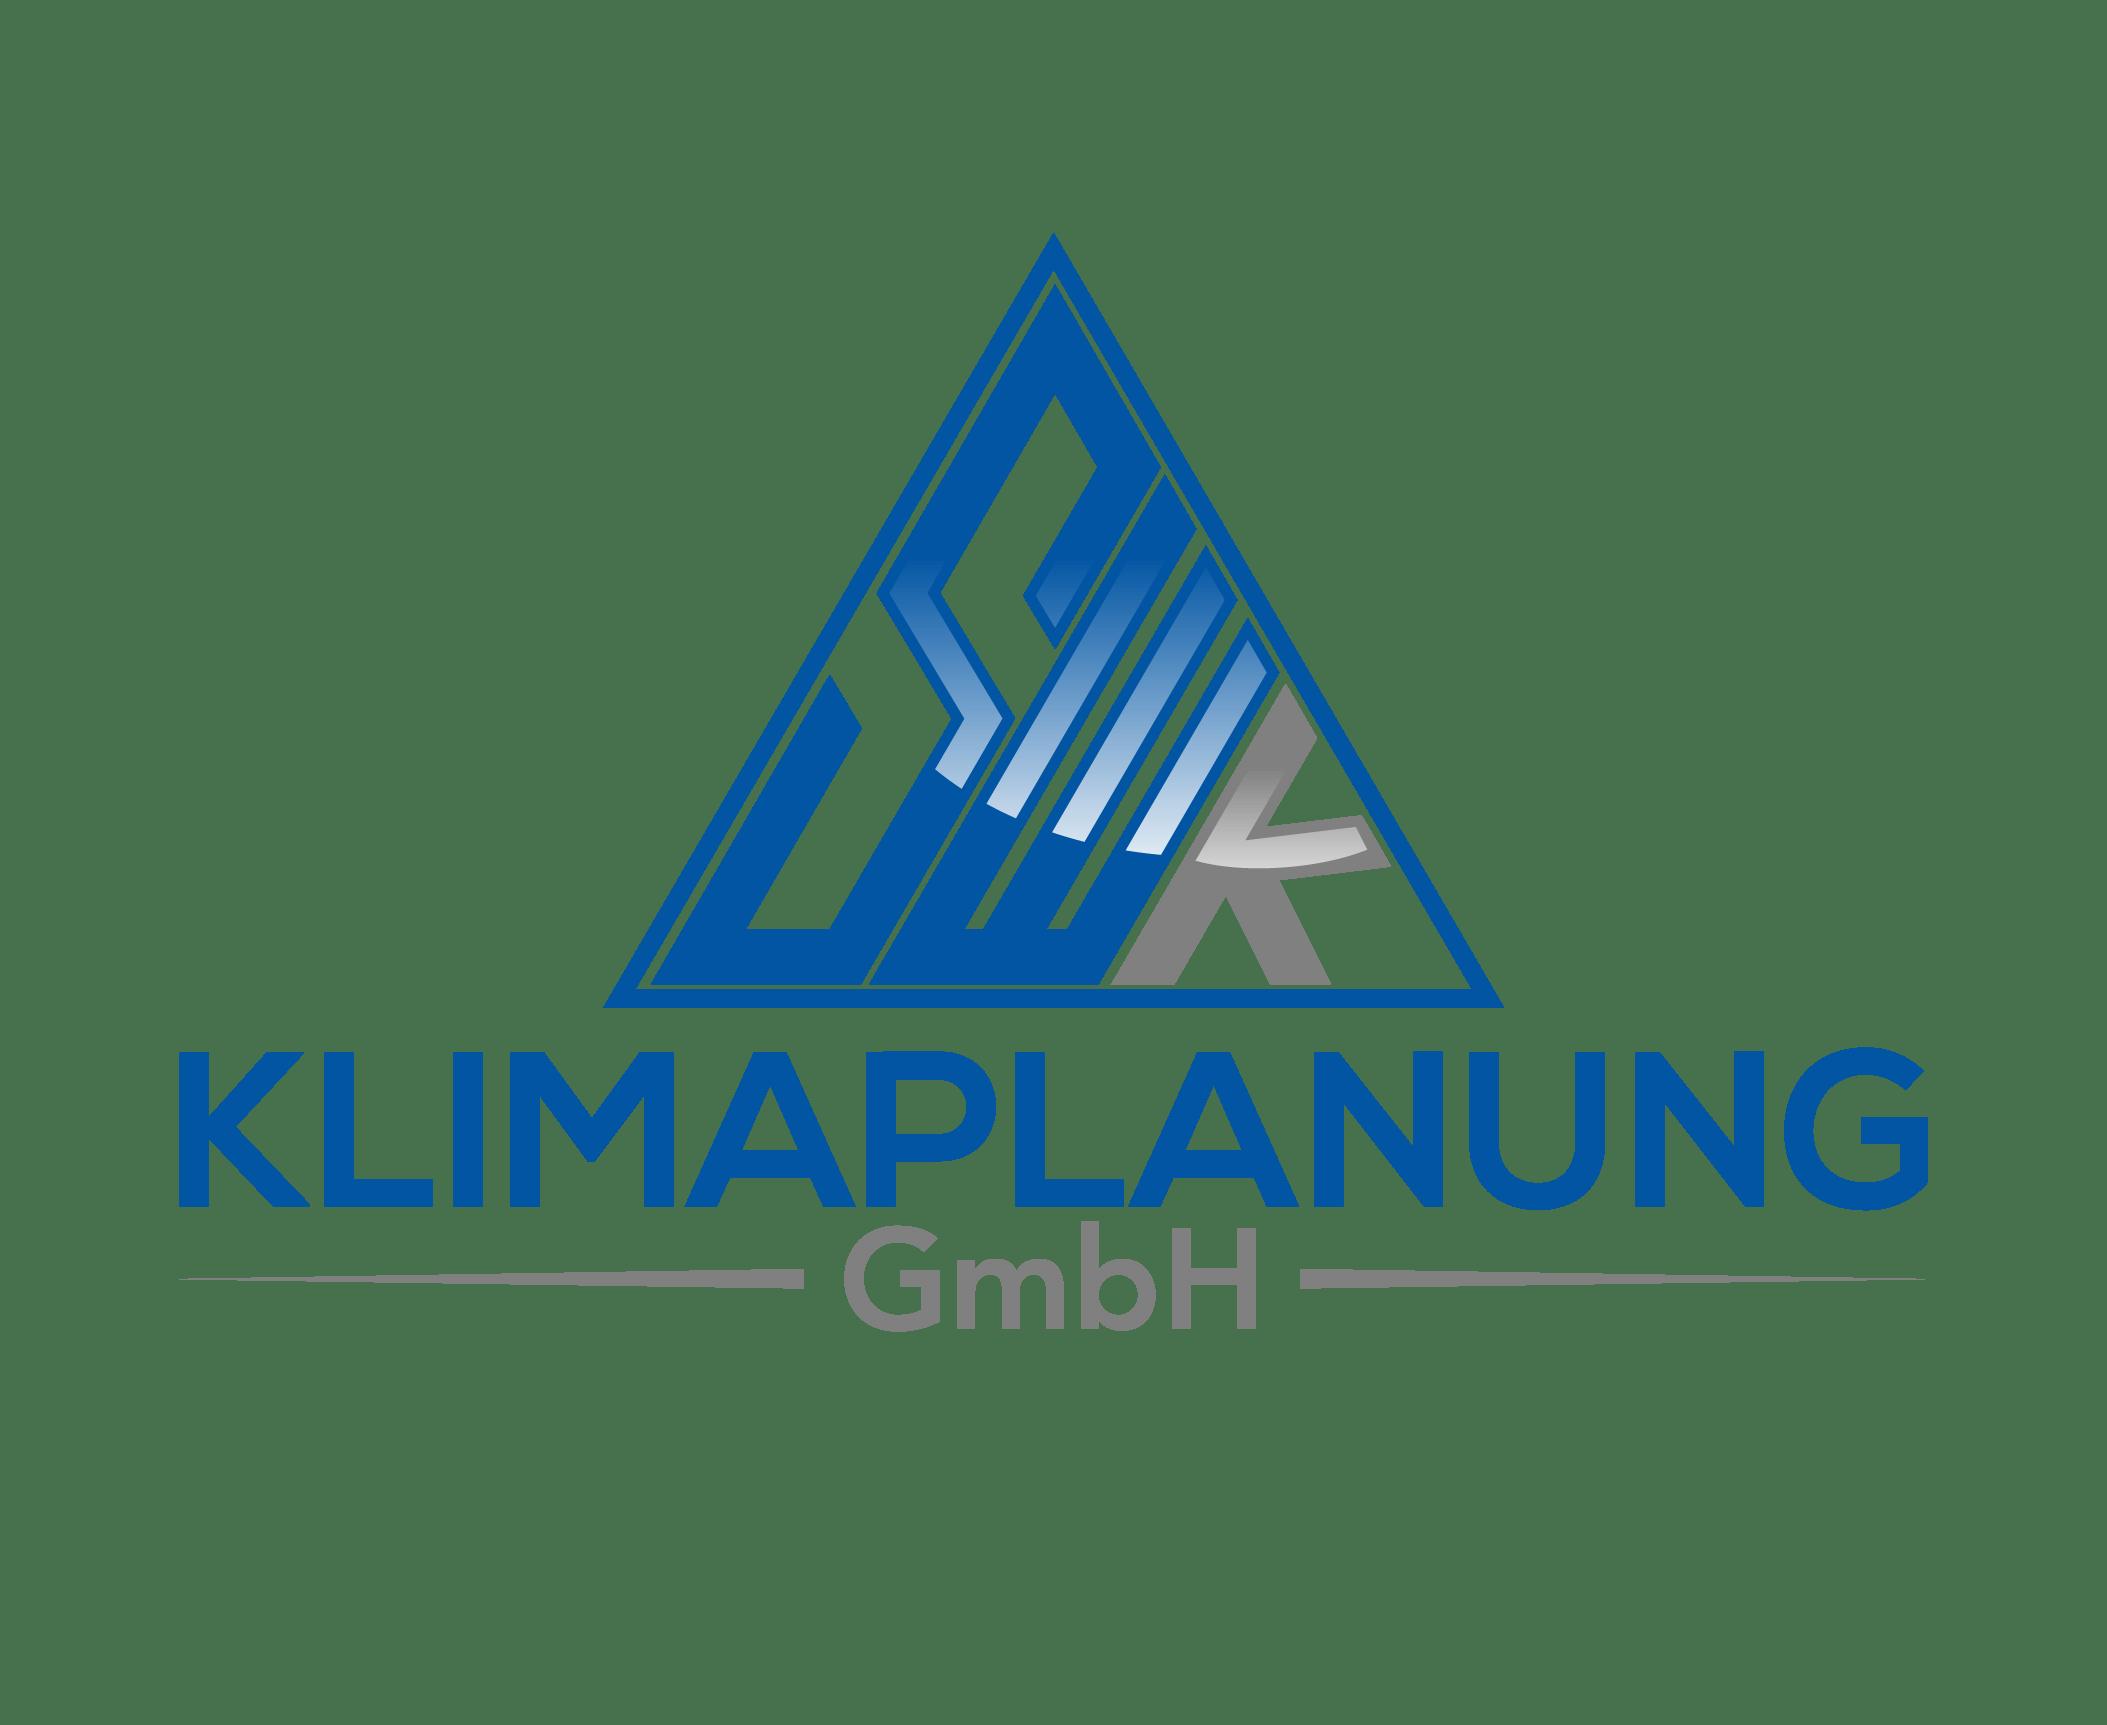 SWK Klimaplanung GmbH-01